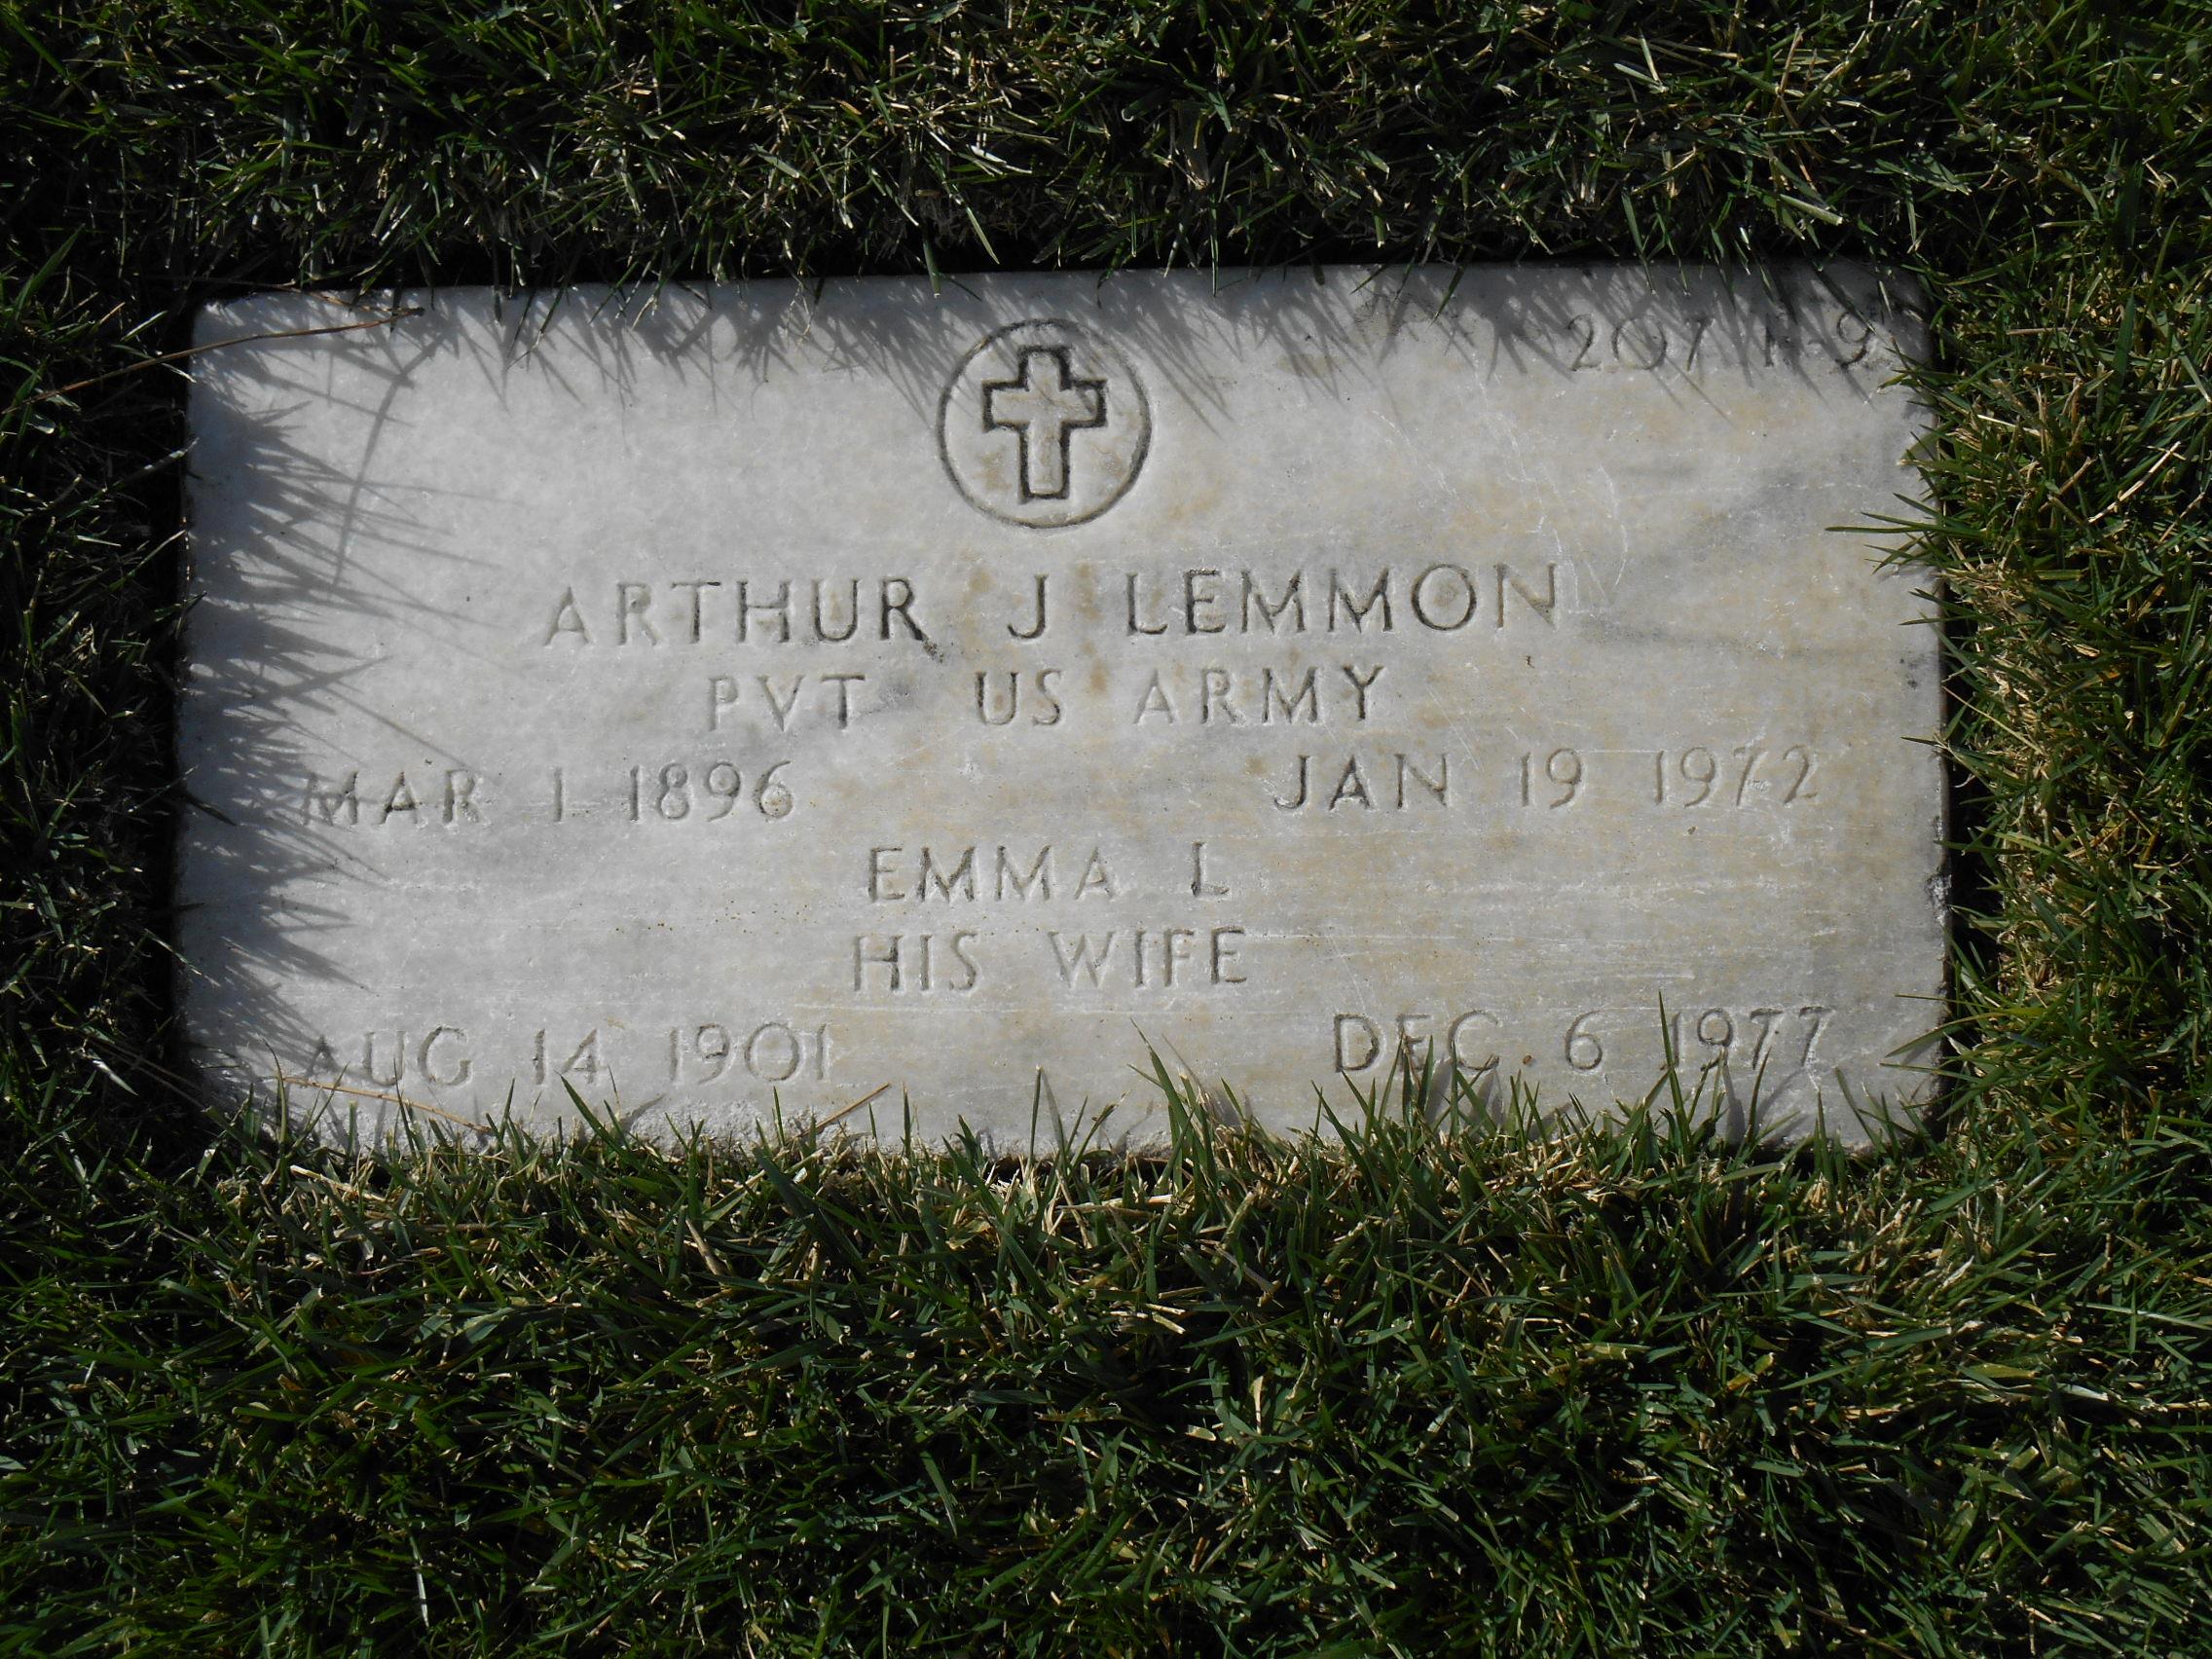 Emma L Lemmon